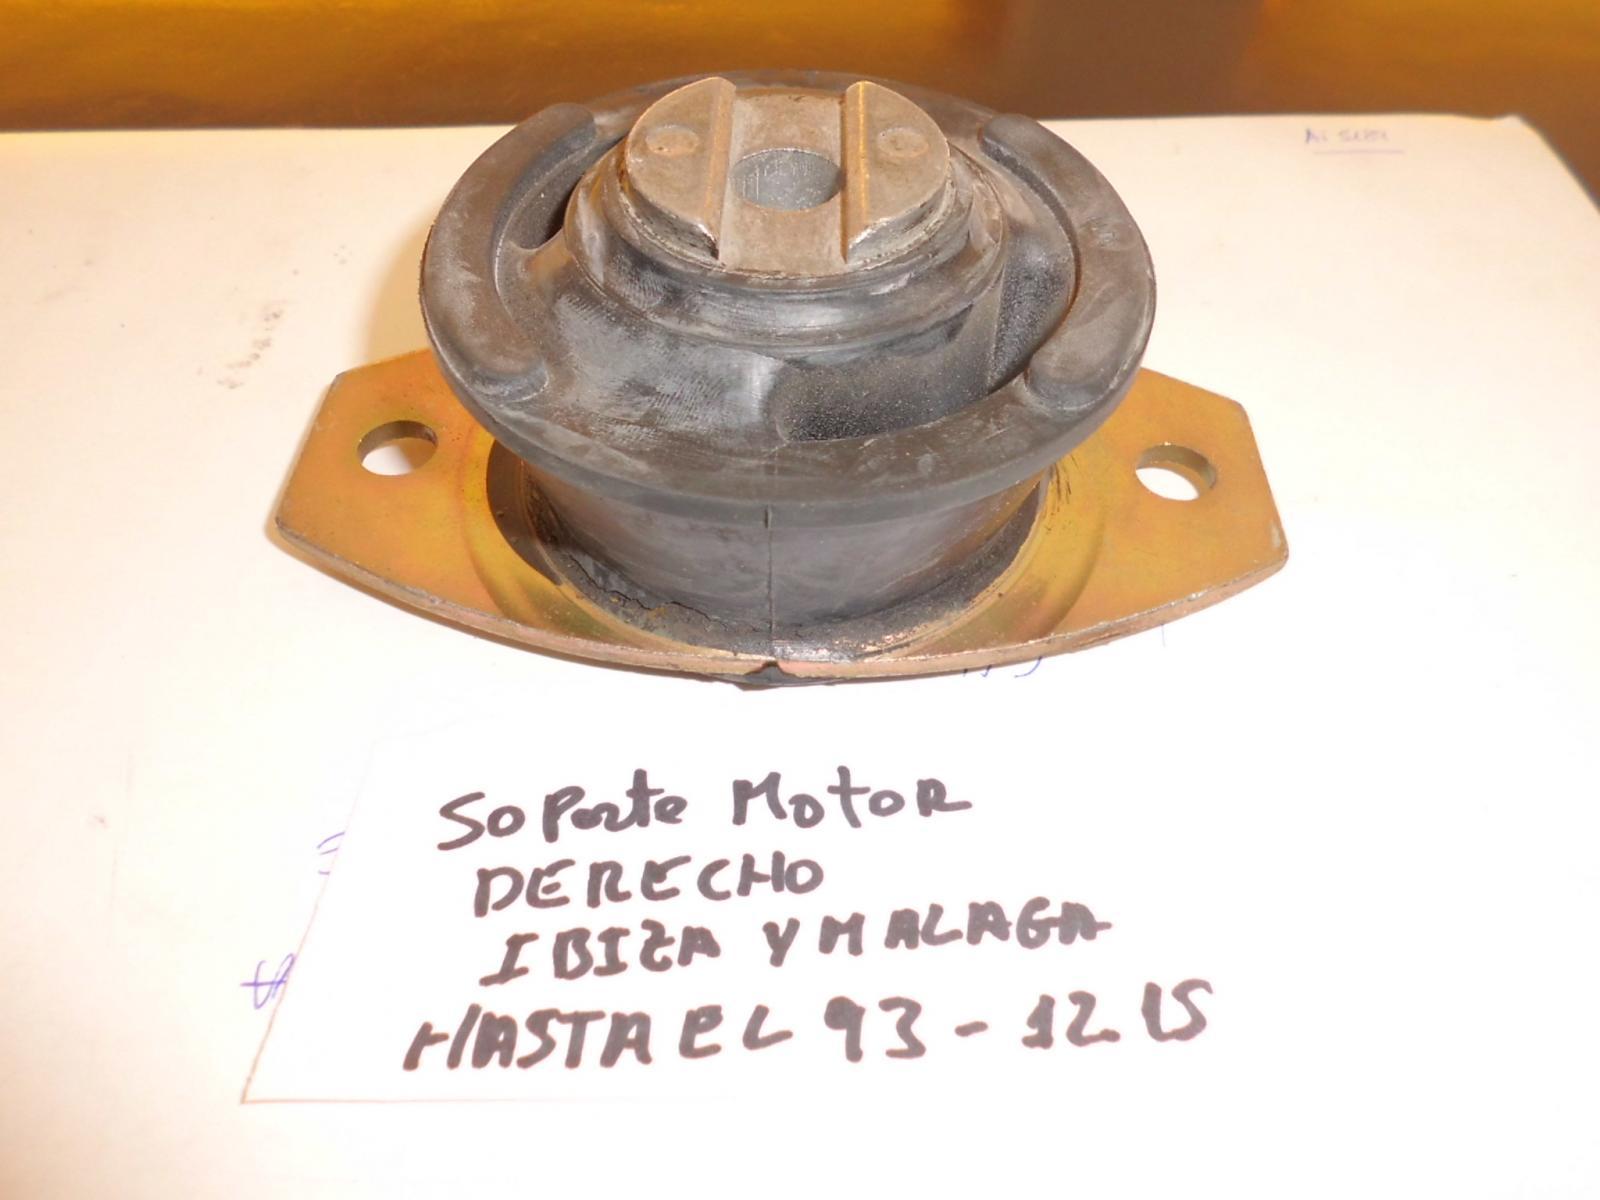 SOPORTE MOTOR DERECHO IBIZA Y MALAGA 1.2 Y 1.5